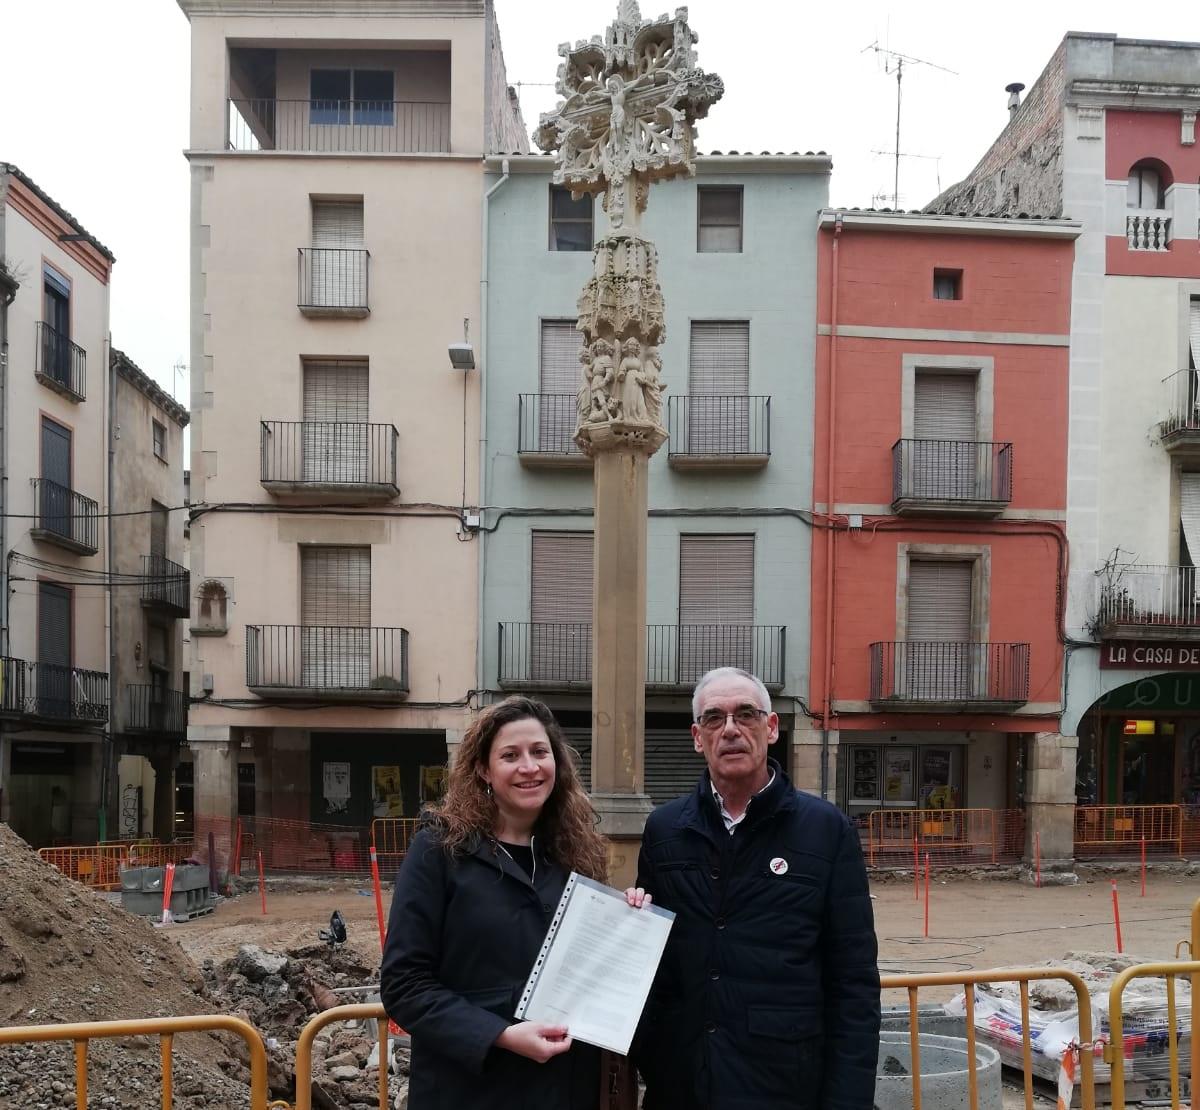 Les entitats reuneixen 500 firmes en 7 dies per demanar un debat públic sobre la creu de la Plaça Major